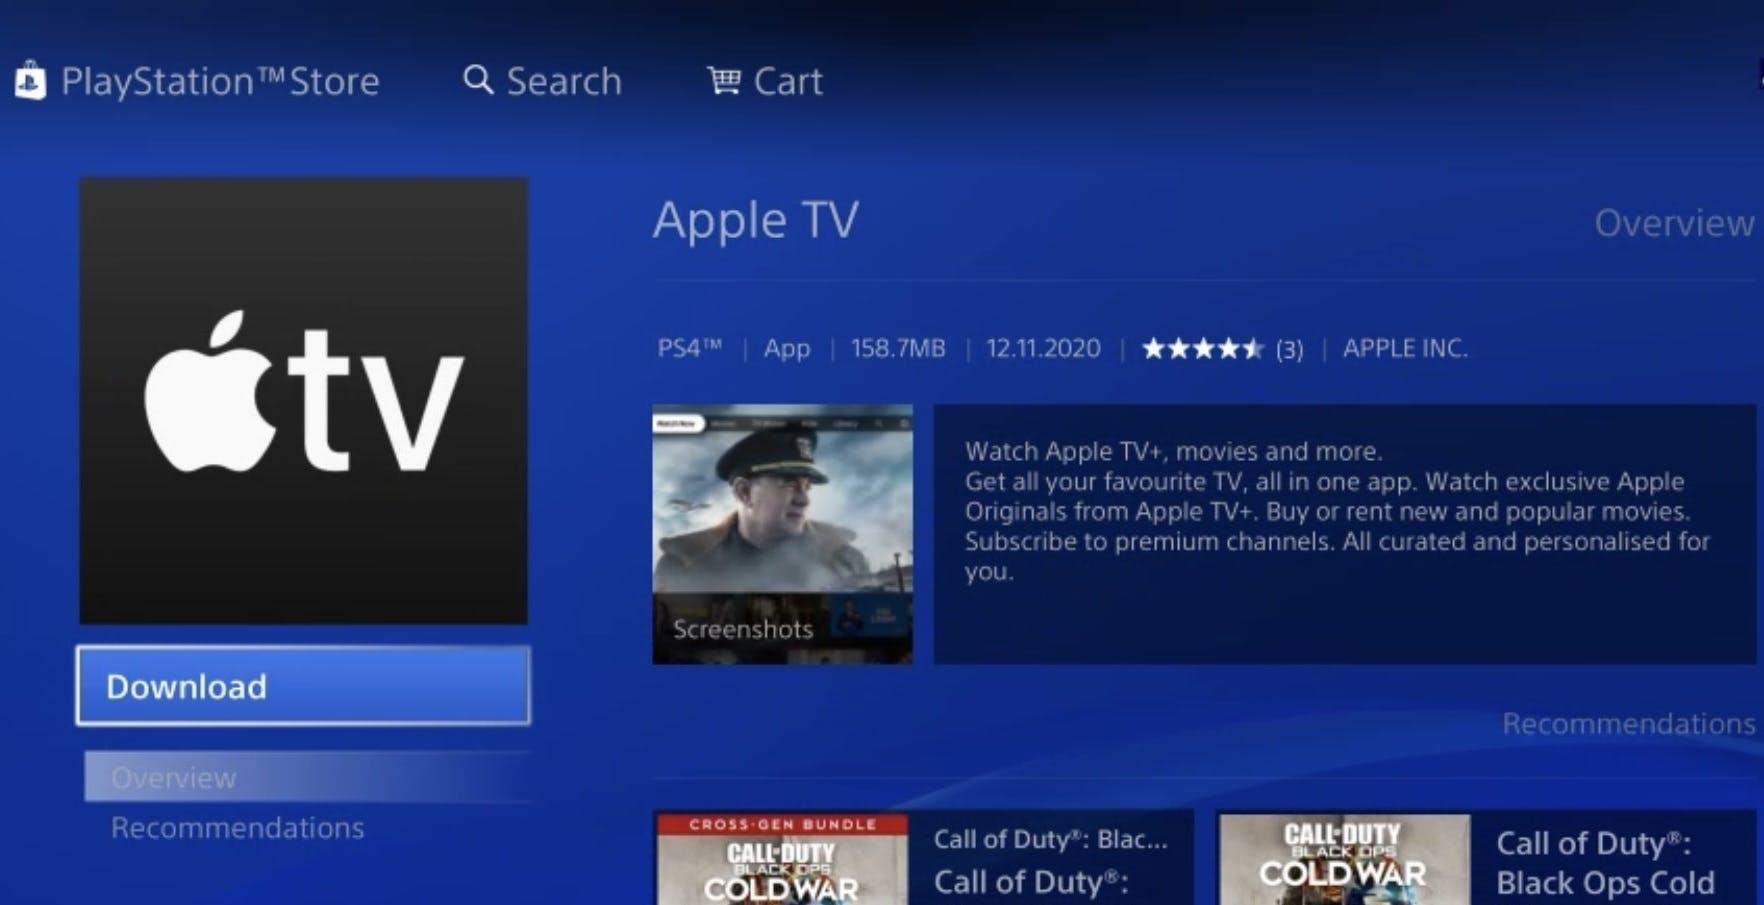 AppleTV sbarca anche su PlayStation. È possibile scaricarla anche da PS4